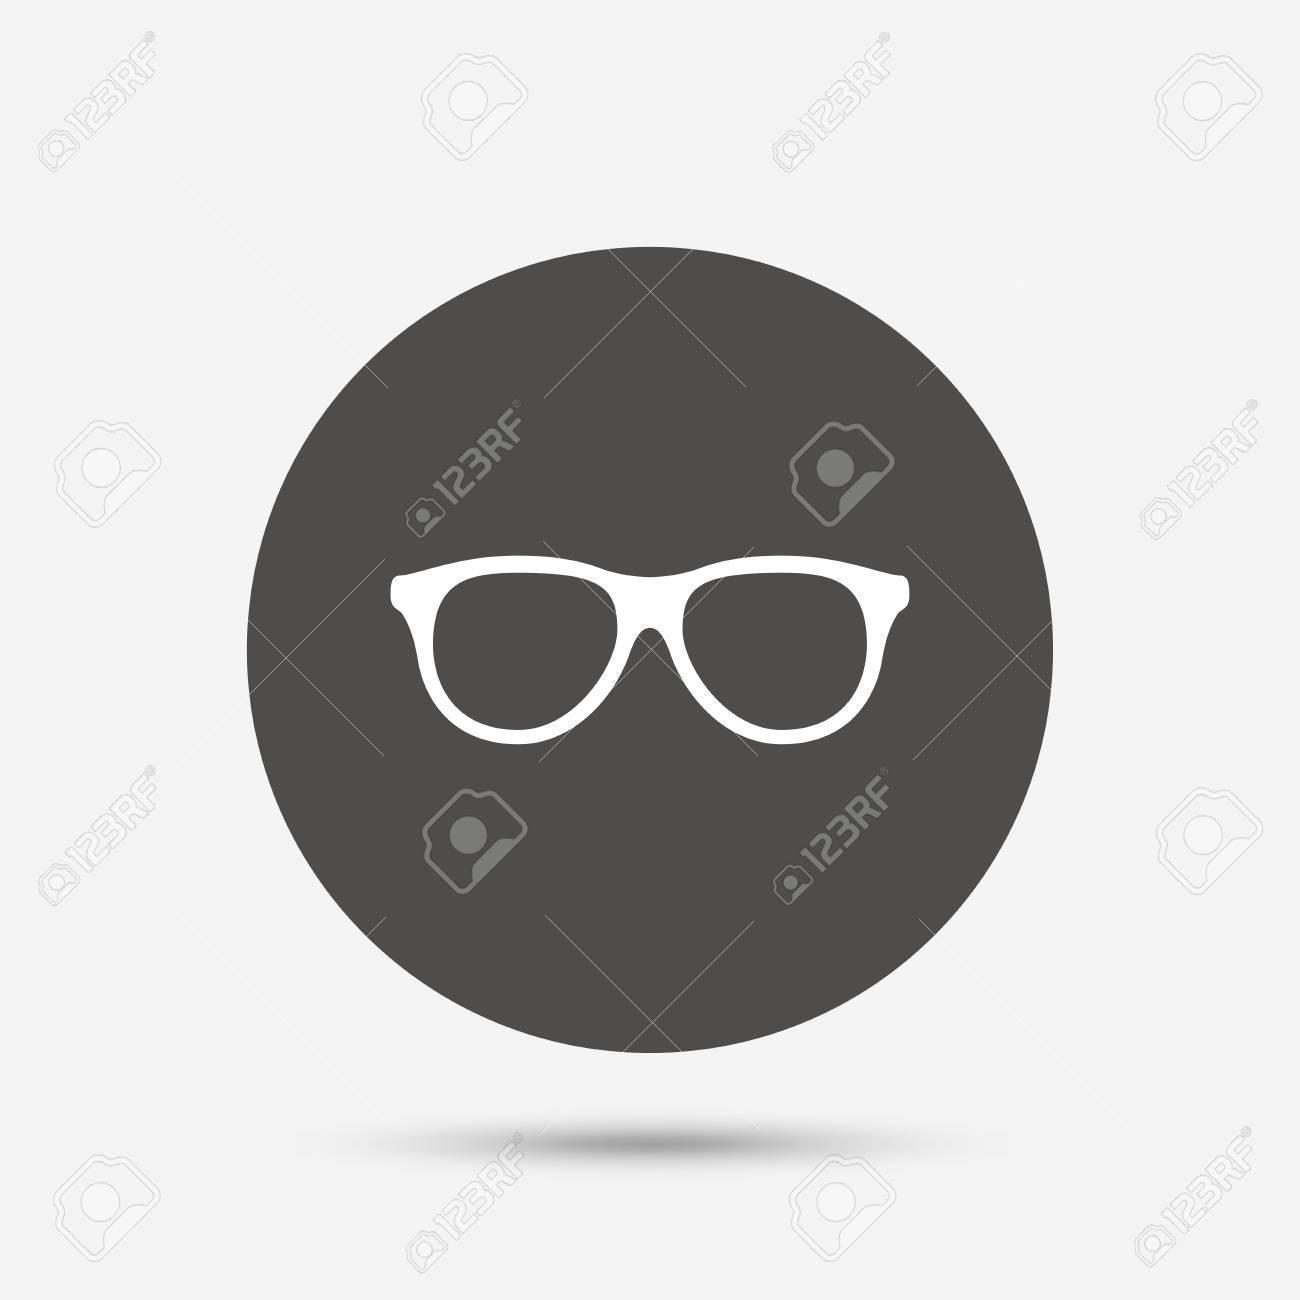 Gafas Retro Icono De La Muestra. Símbolo De Montura De Gafas. Botón ...